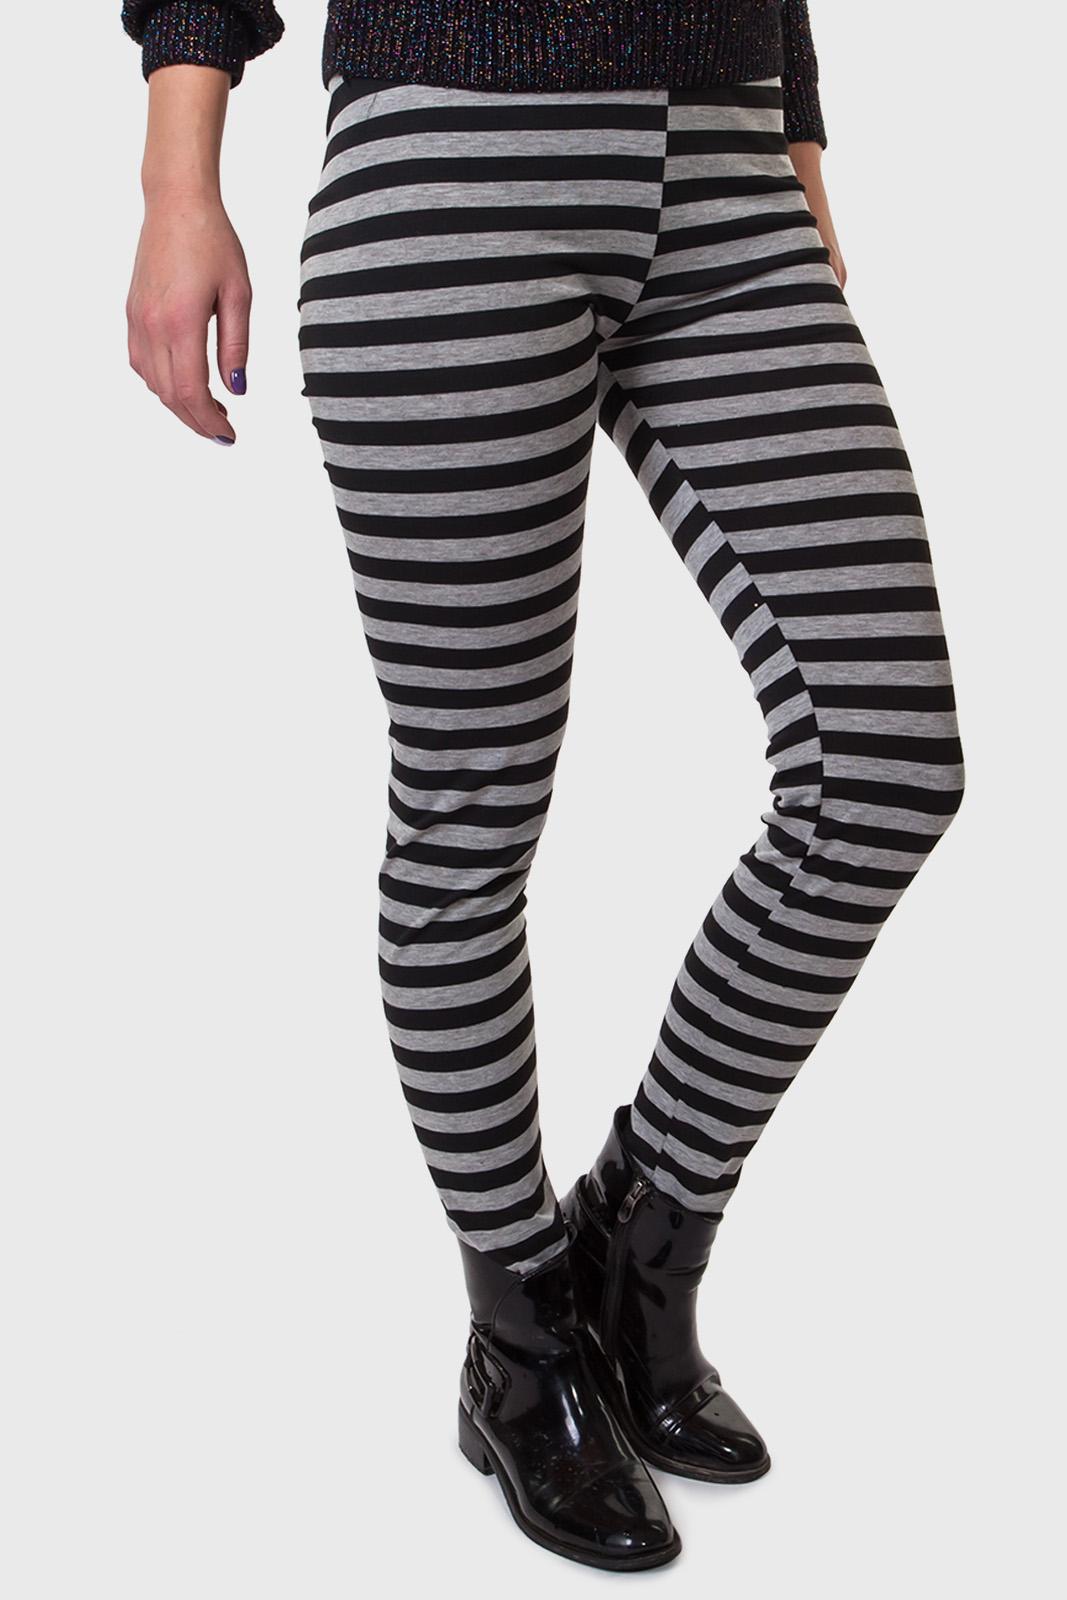 Фирменные леггинсы для девушек – модные полосатые фасоны LOBO